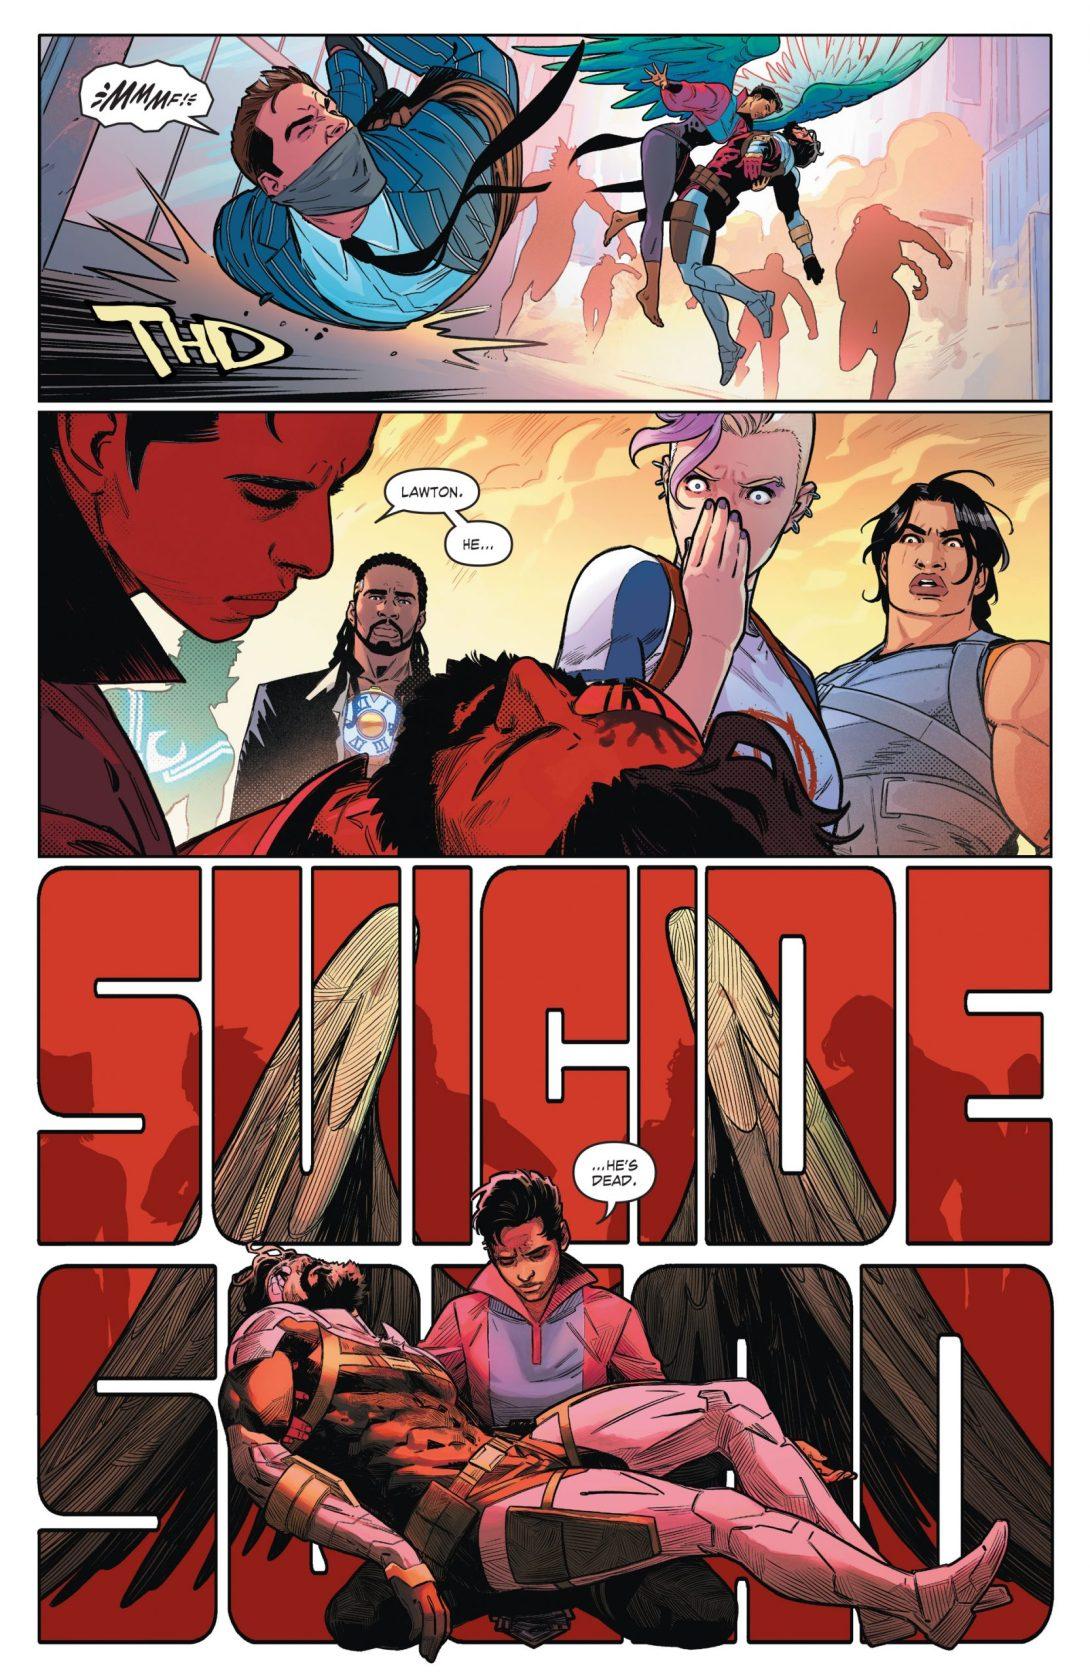 Suicide Squad #10